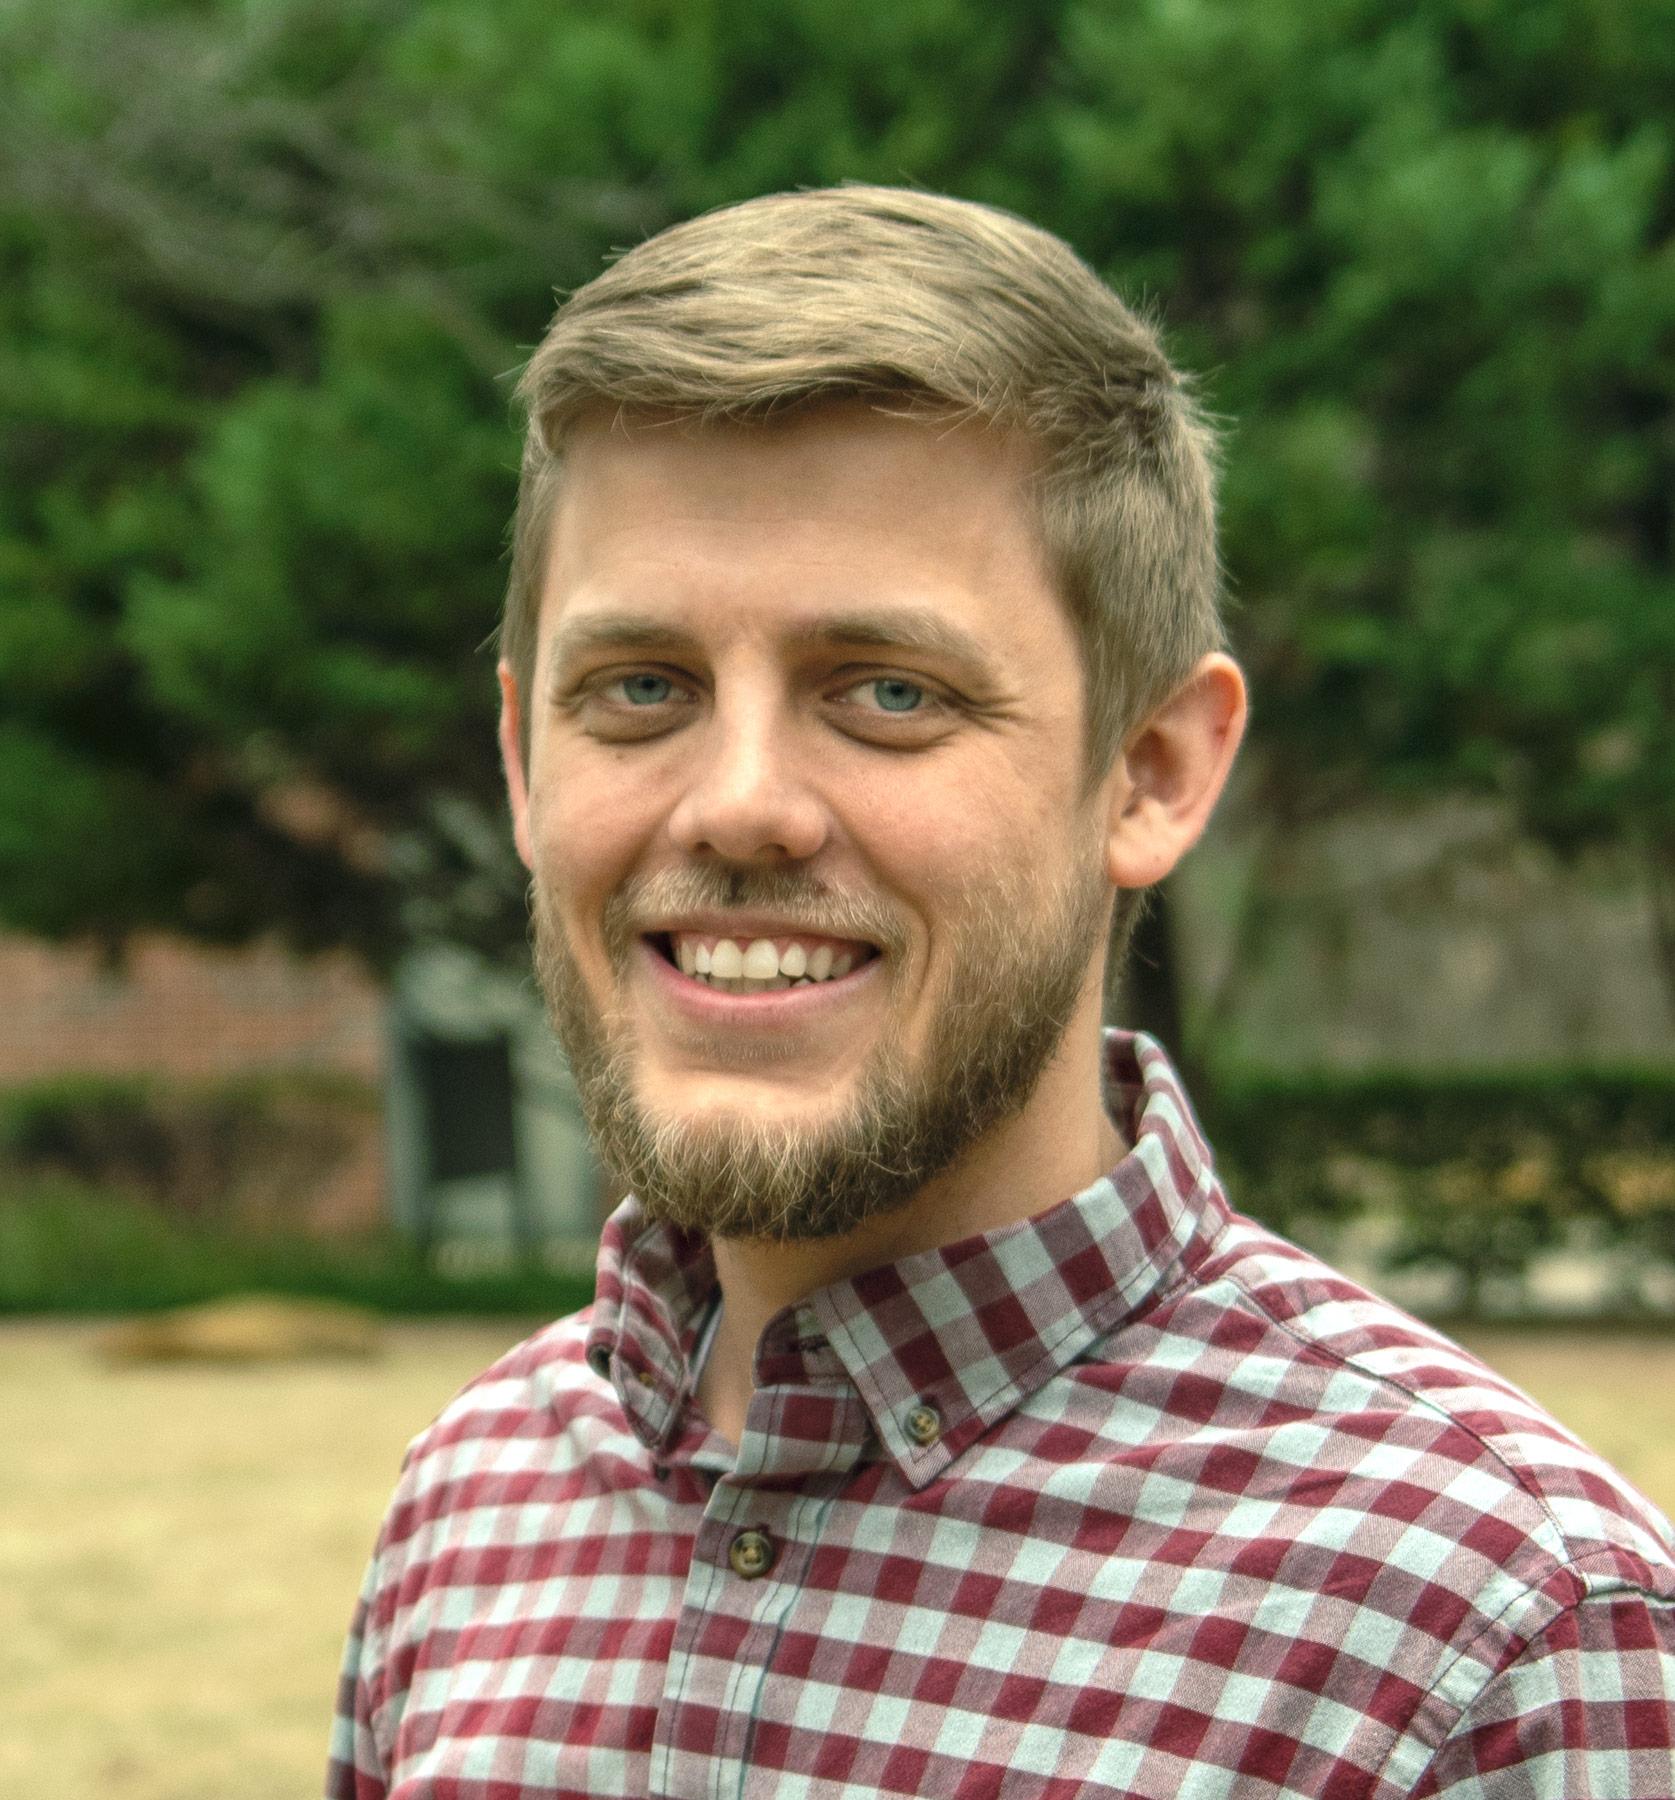 Nathaniel Kuhns